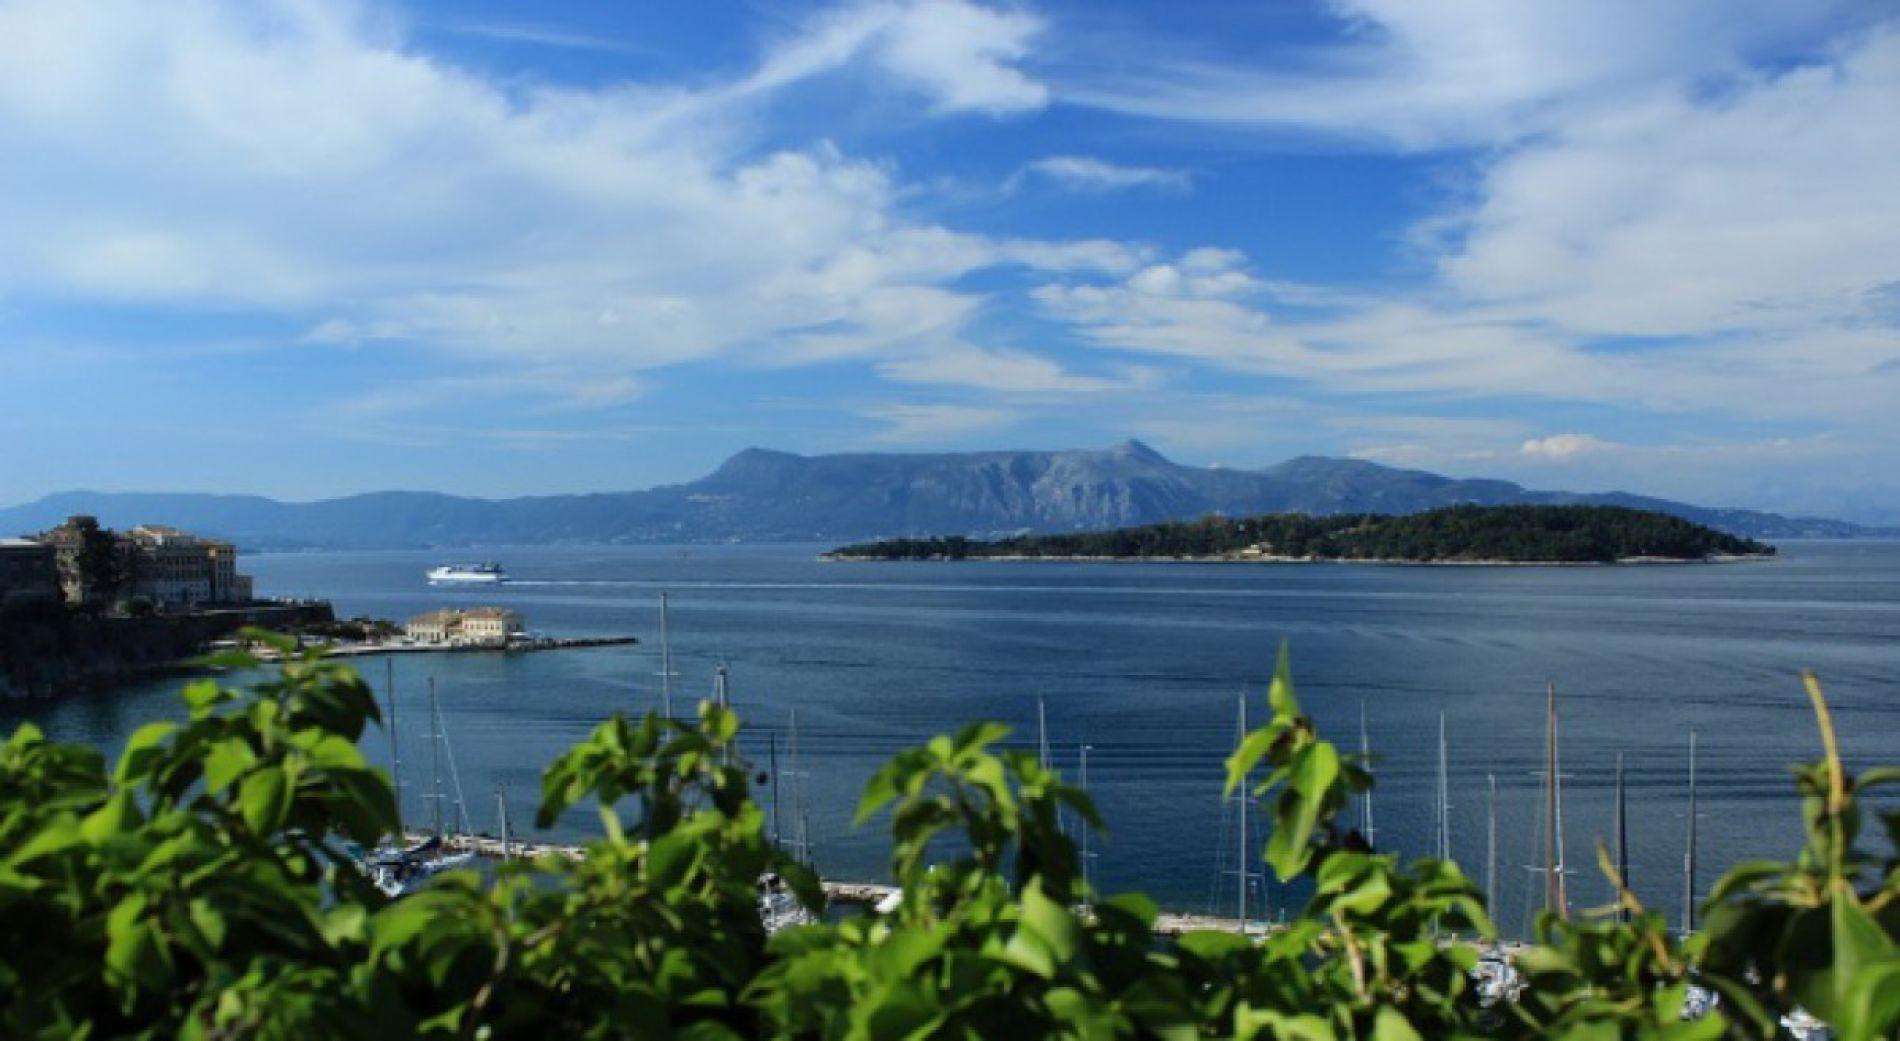 Български туристи блокираха на остров Самотрака заради спрени фериботи